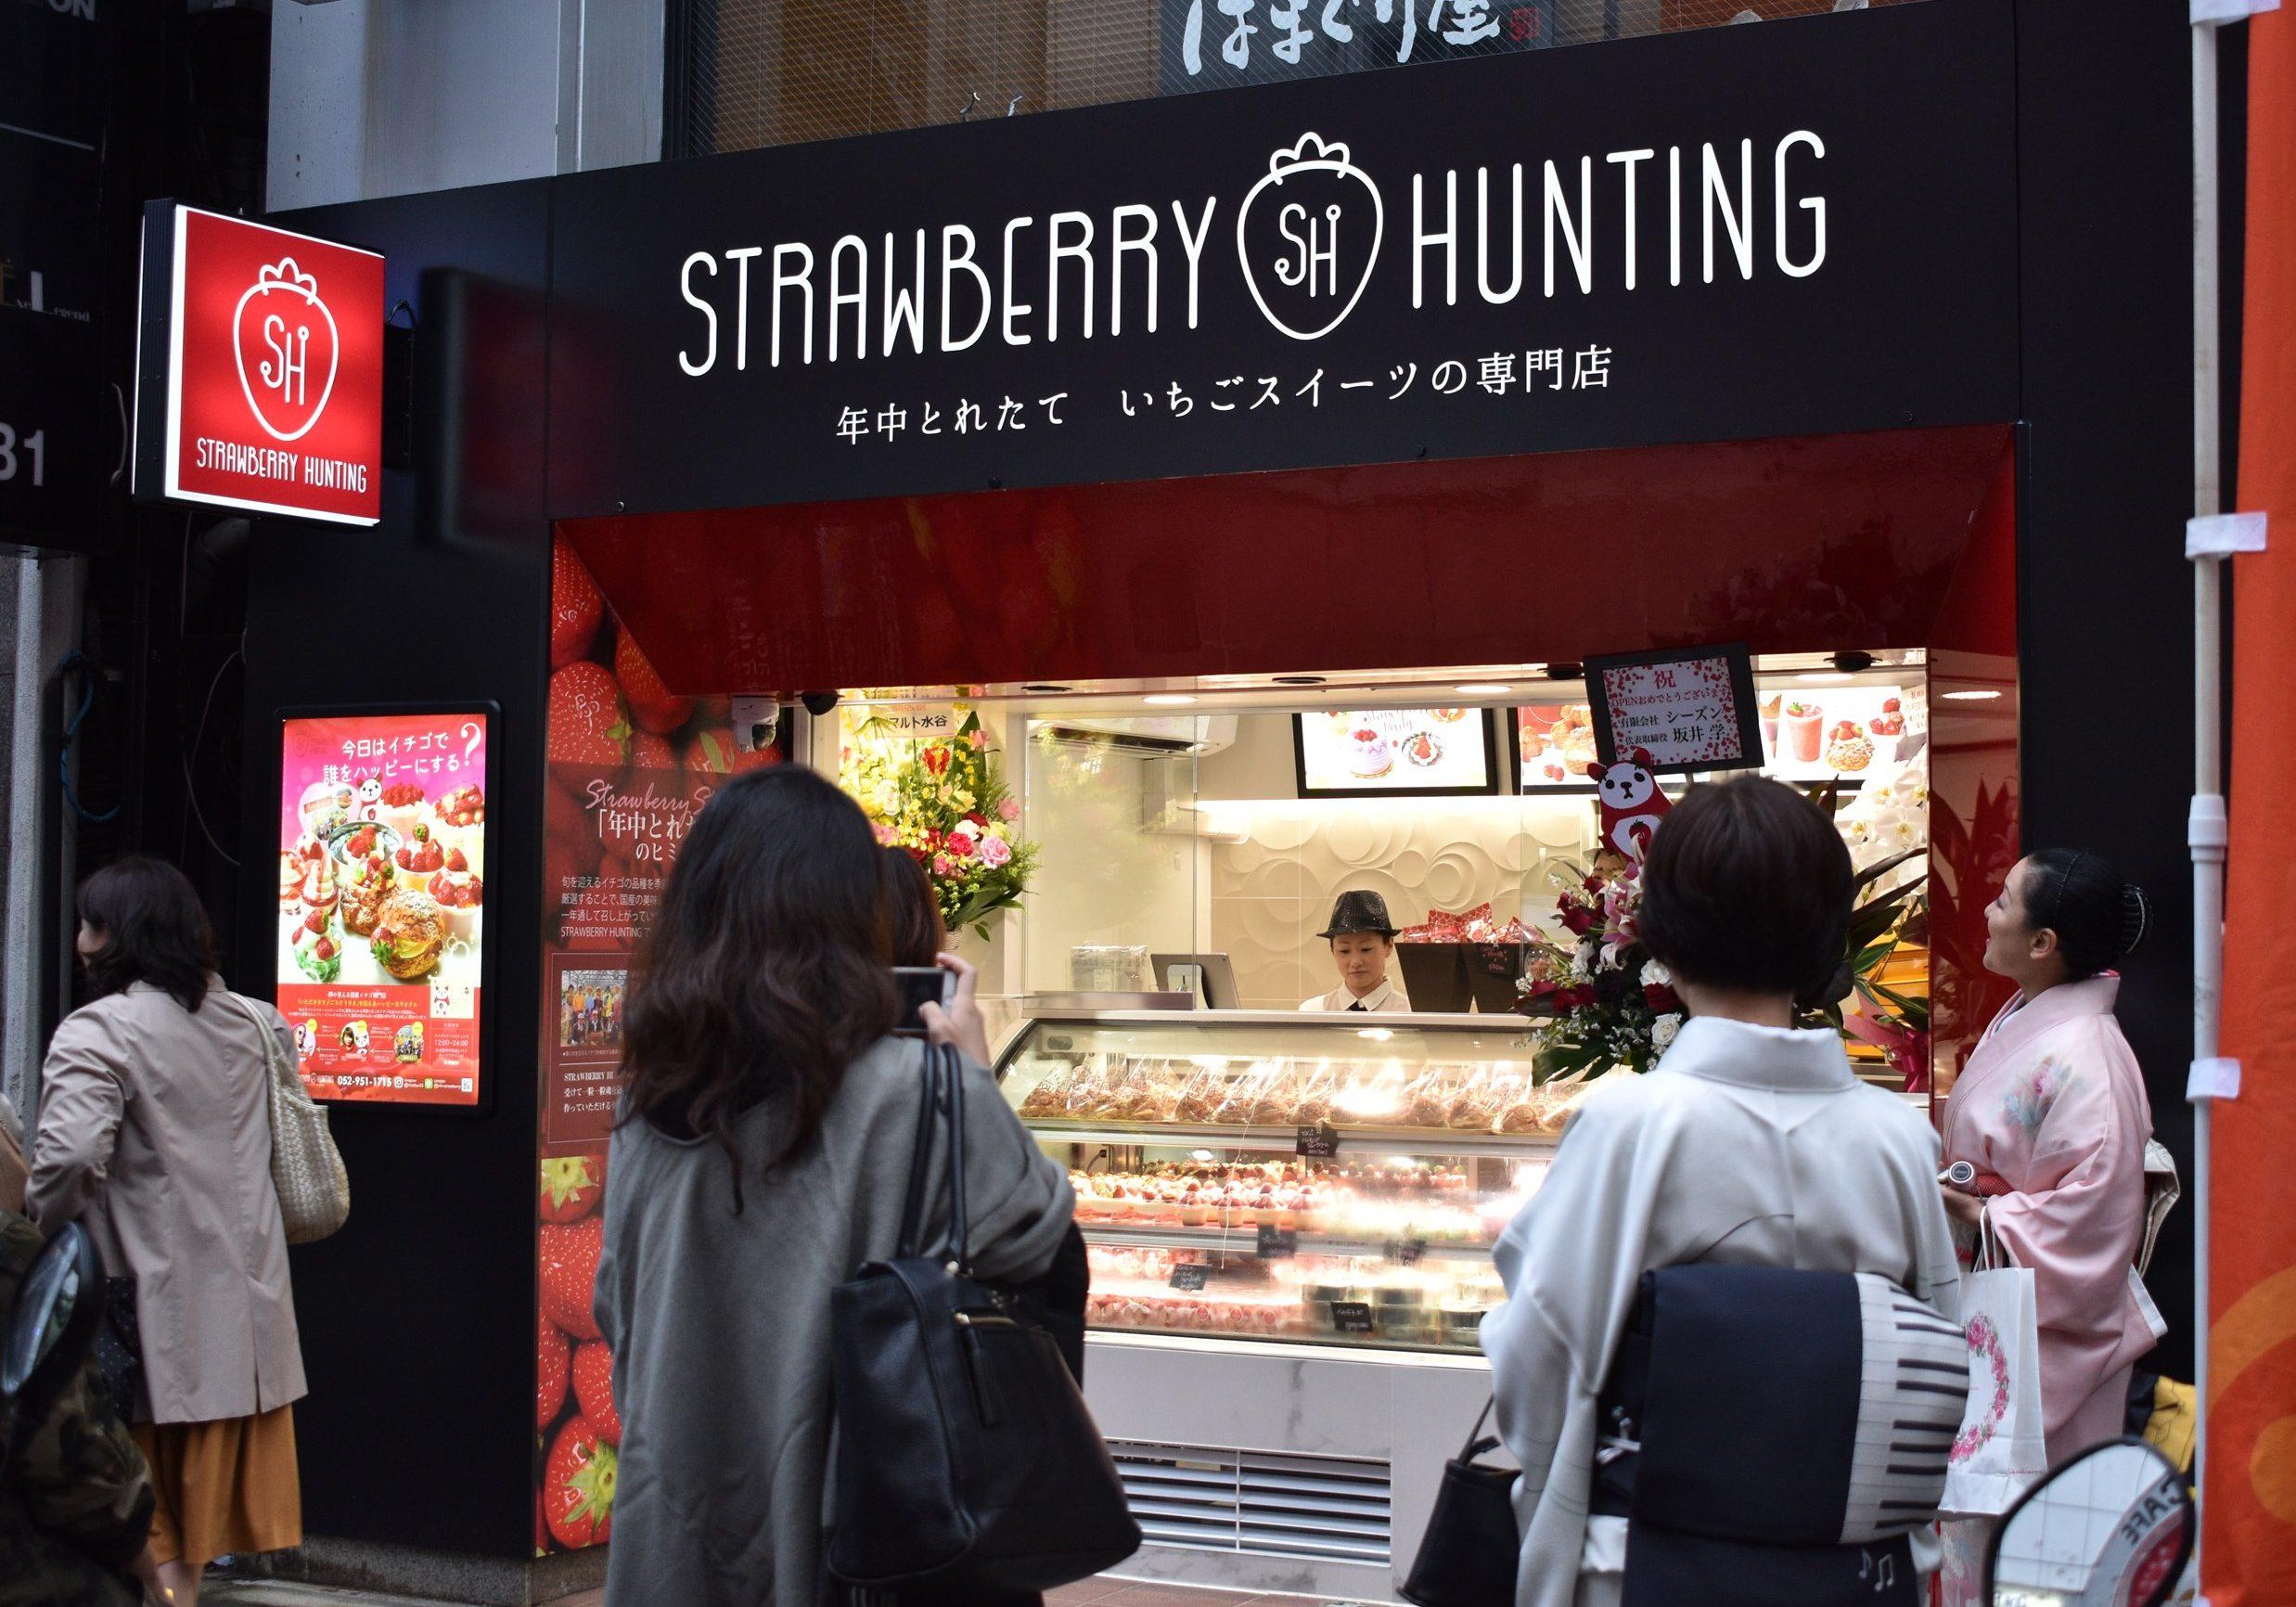 名古屋初!いちご専門の洋菓子店「STRAWBERRY HUNTING」がオープン - s DSC 0352 e1541897472977